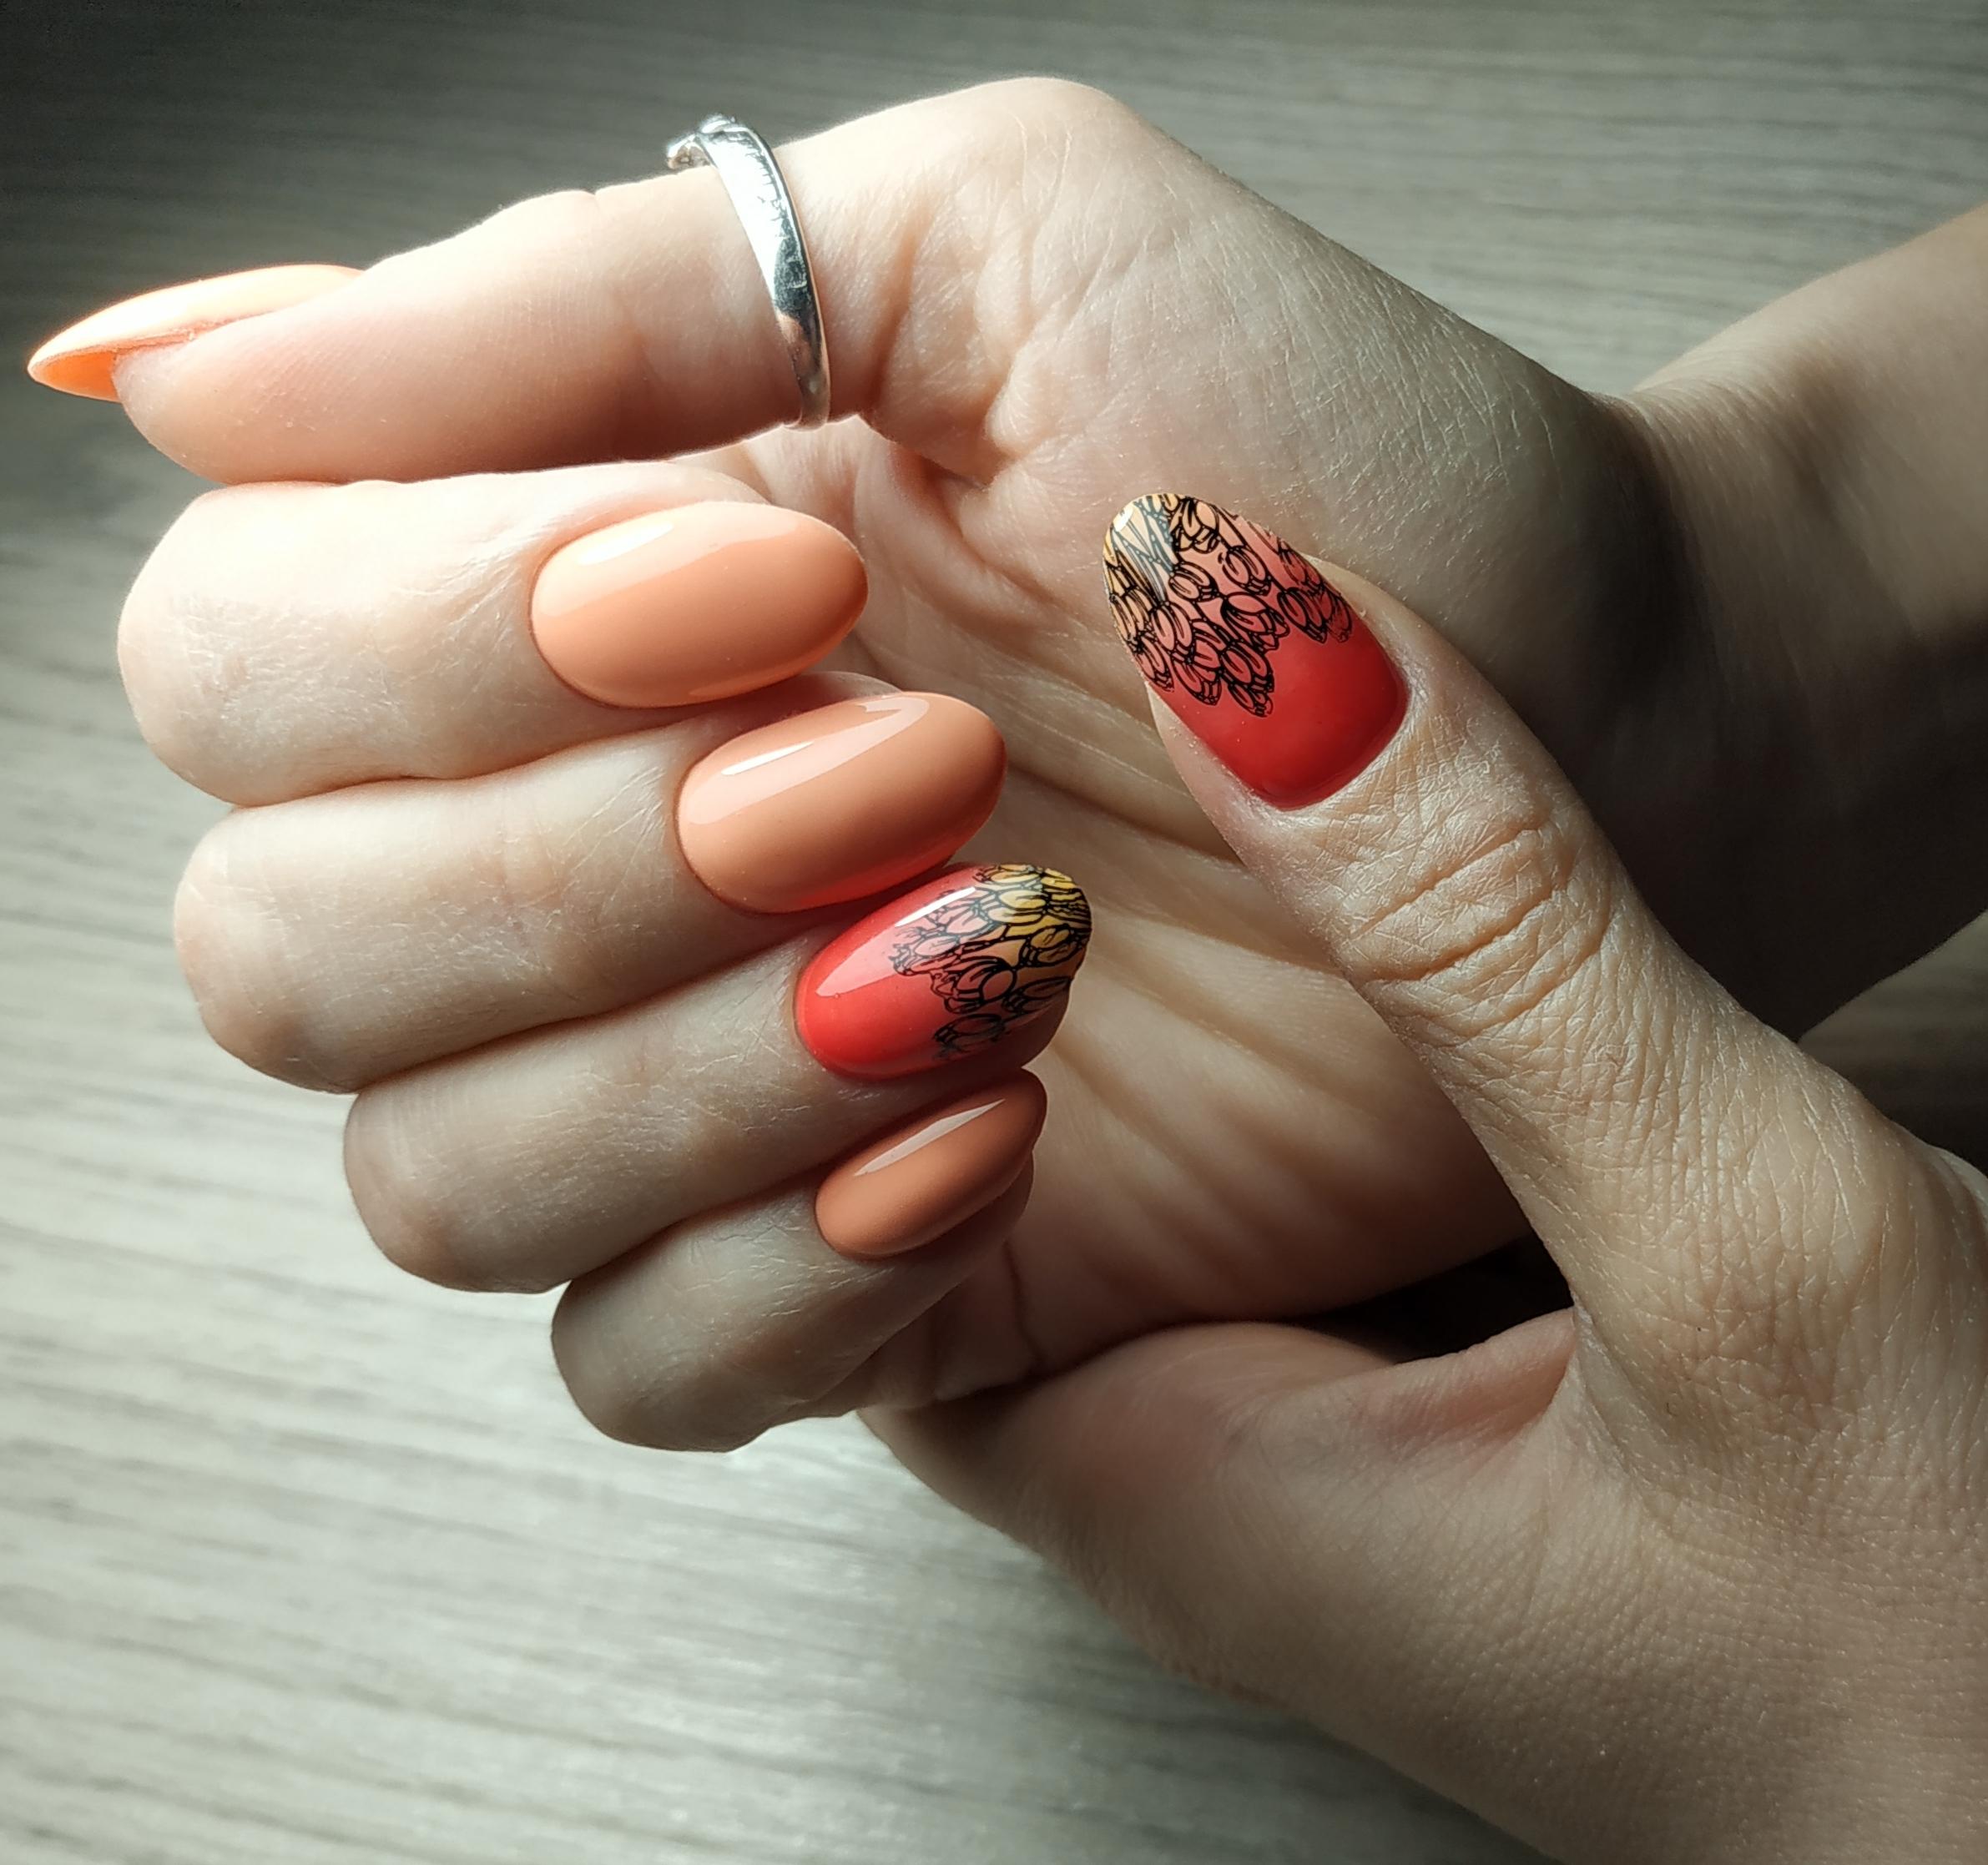 Маникюр с цветочным слайдером в персиковом цвете.